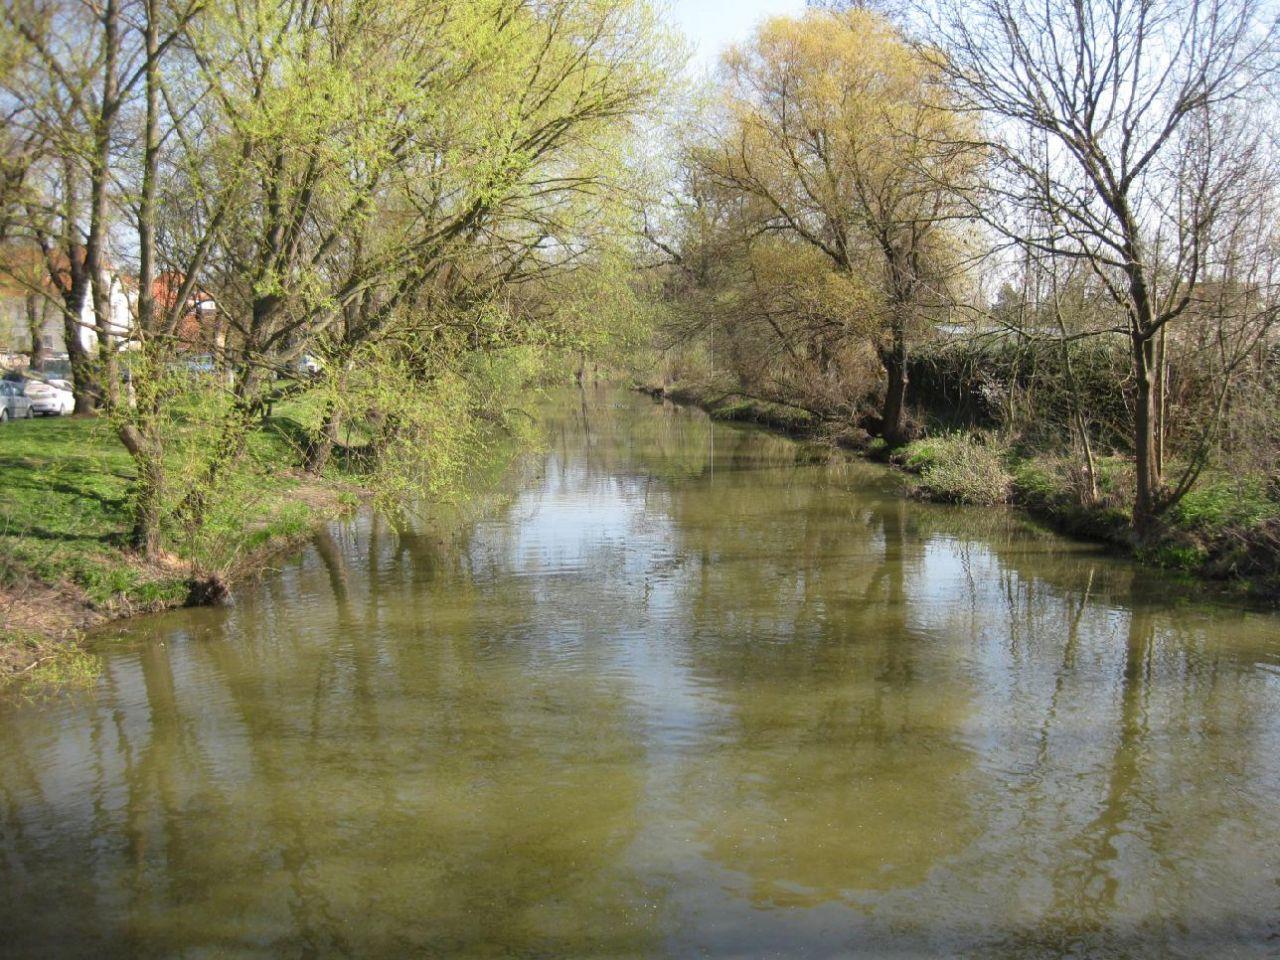 Pohled na koryto řeky